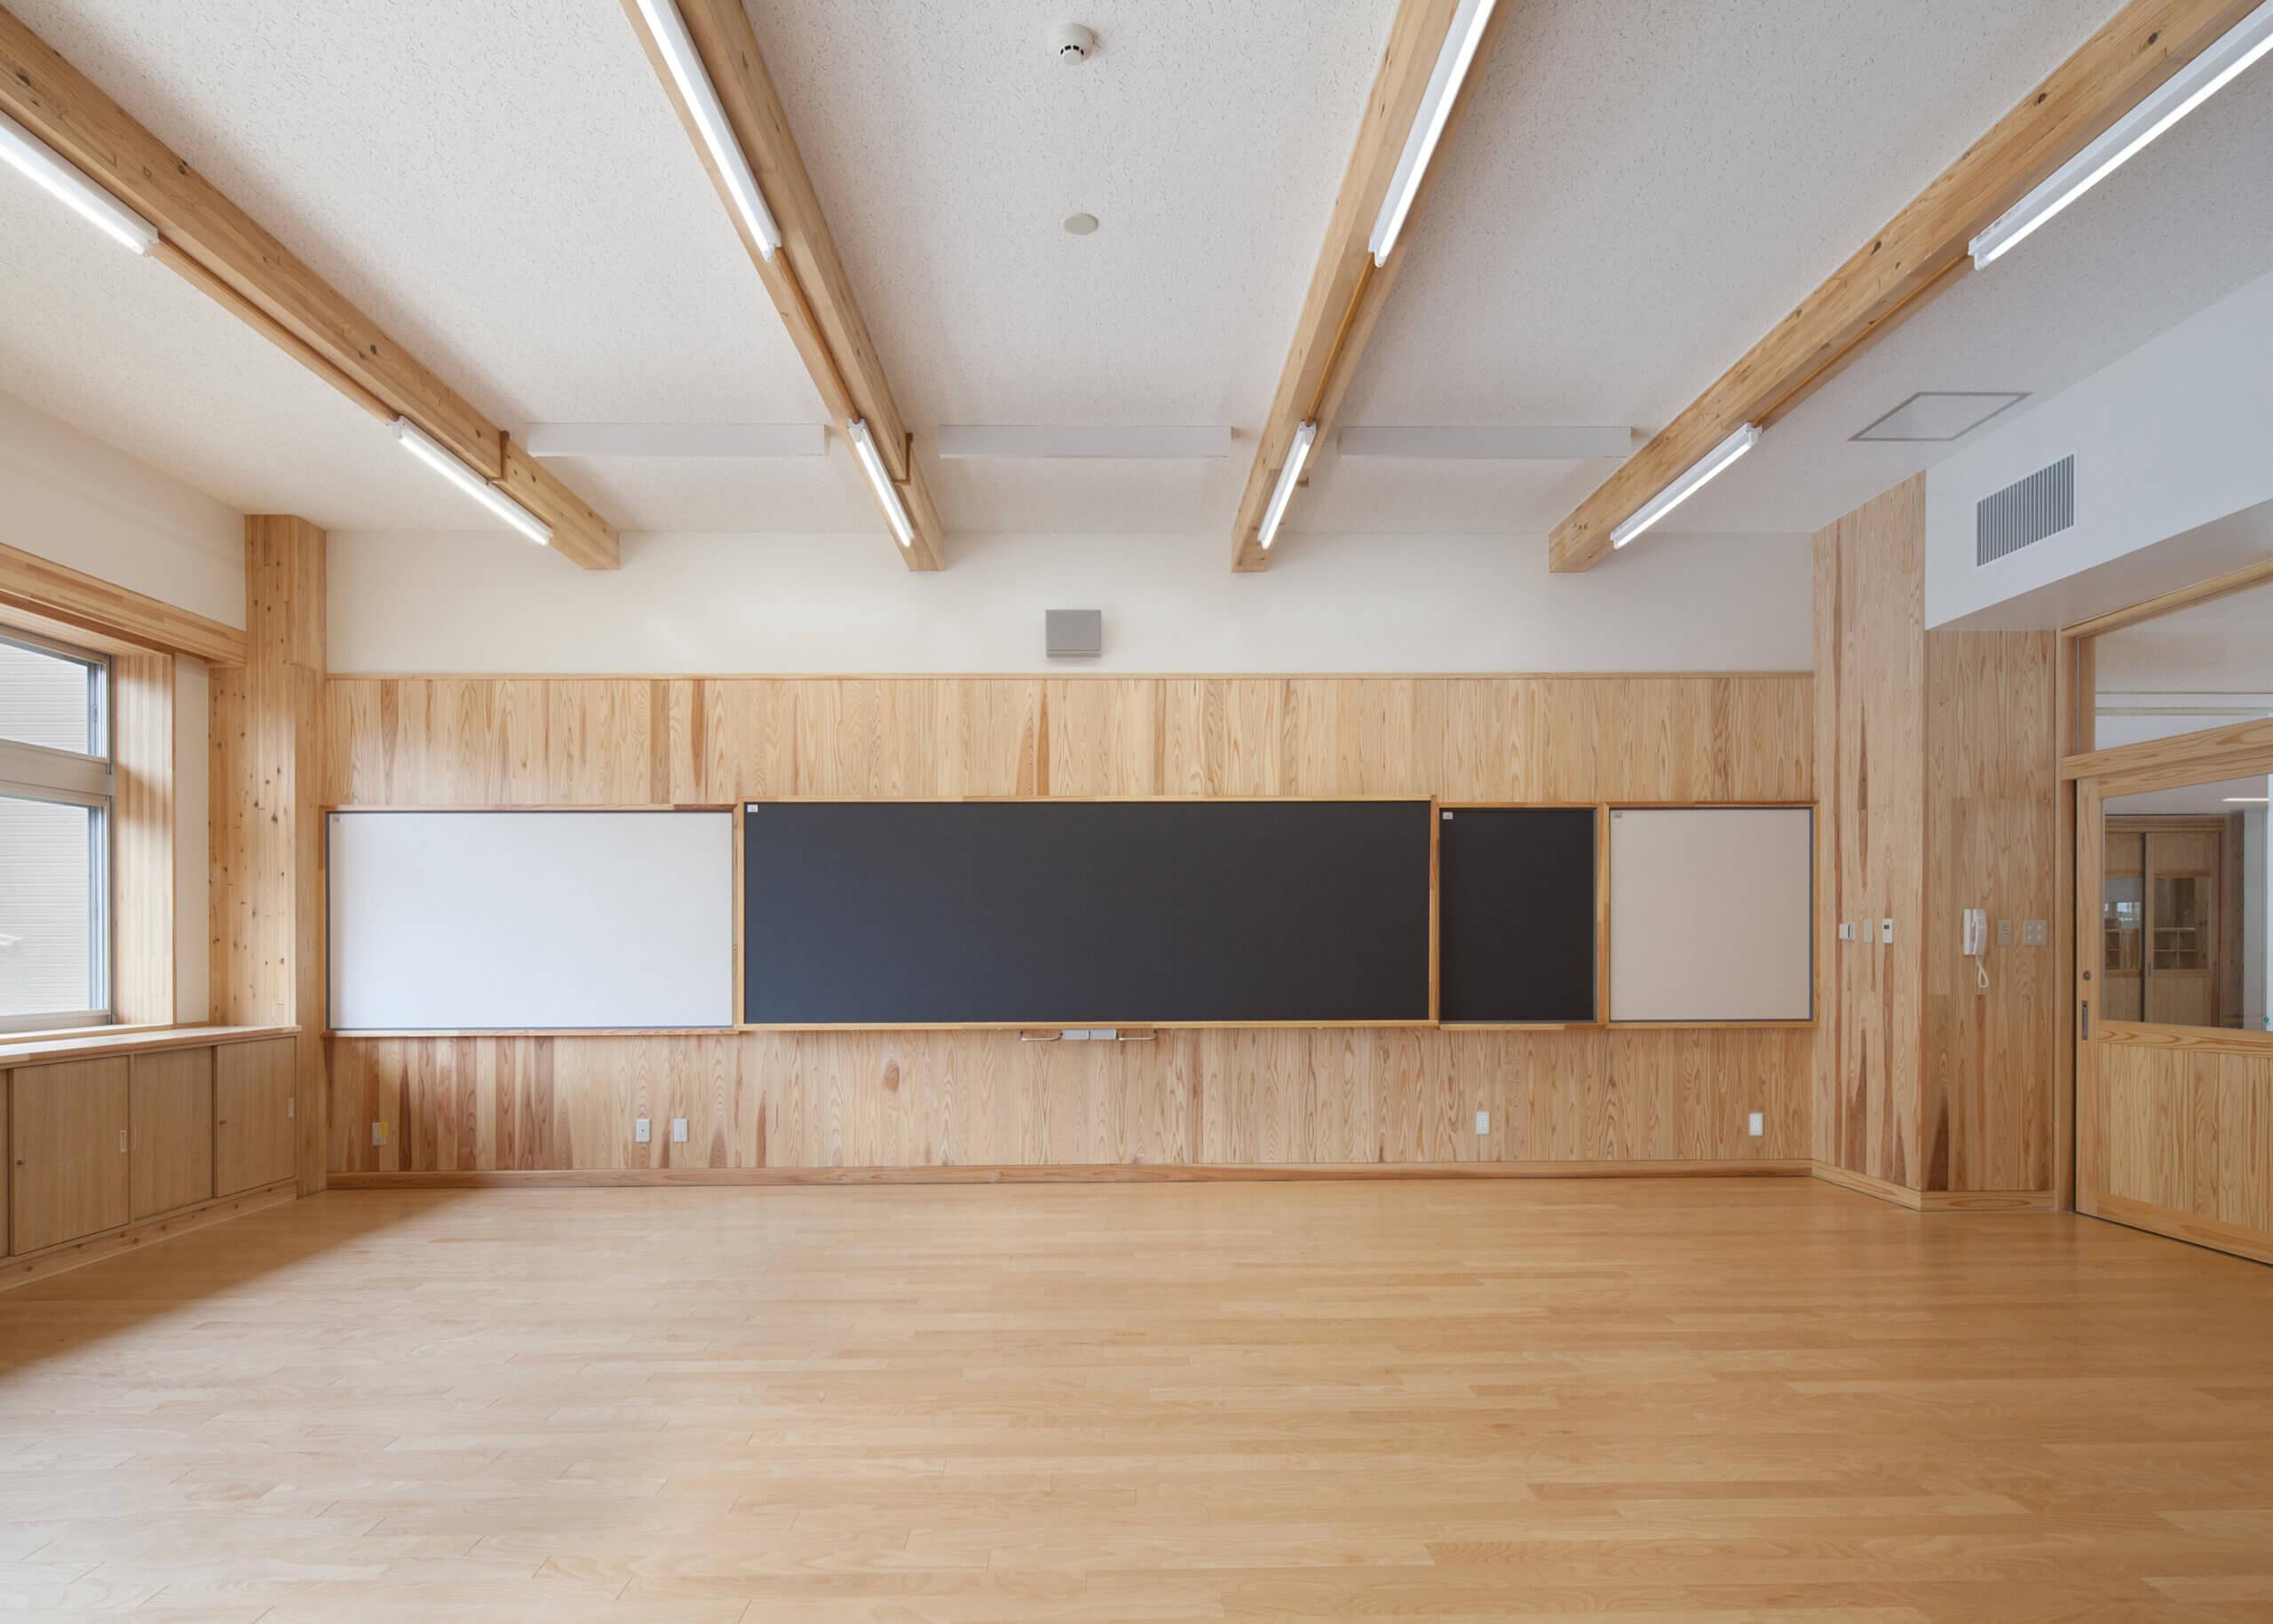 木造建築の施工事例:大槌町立大槌学園小中一貫教育校(校舎棟) 3枚目